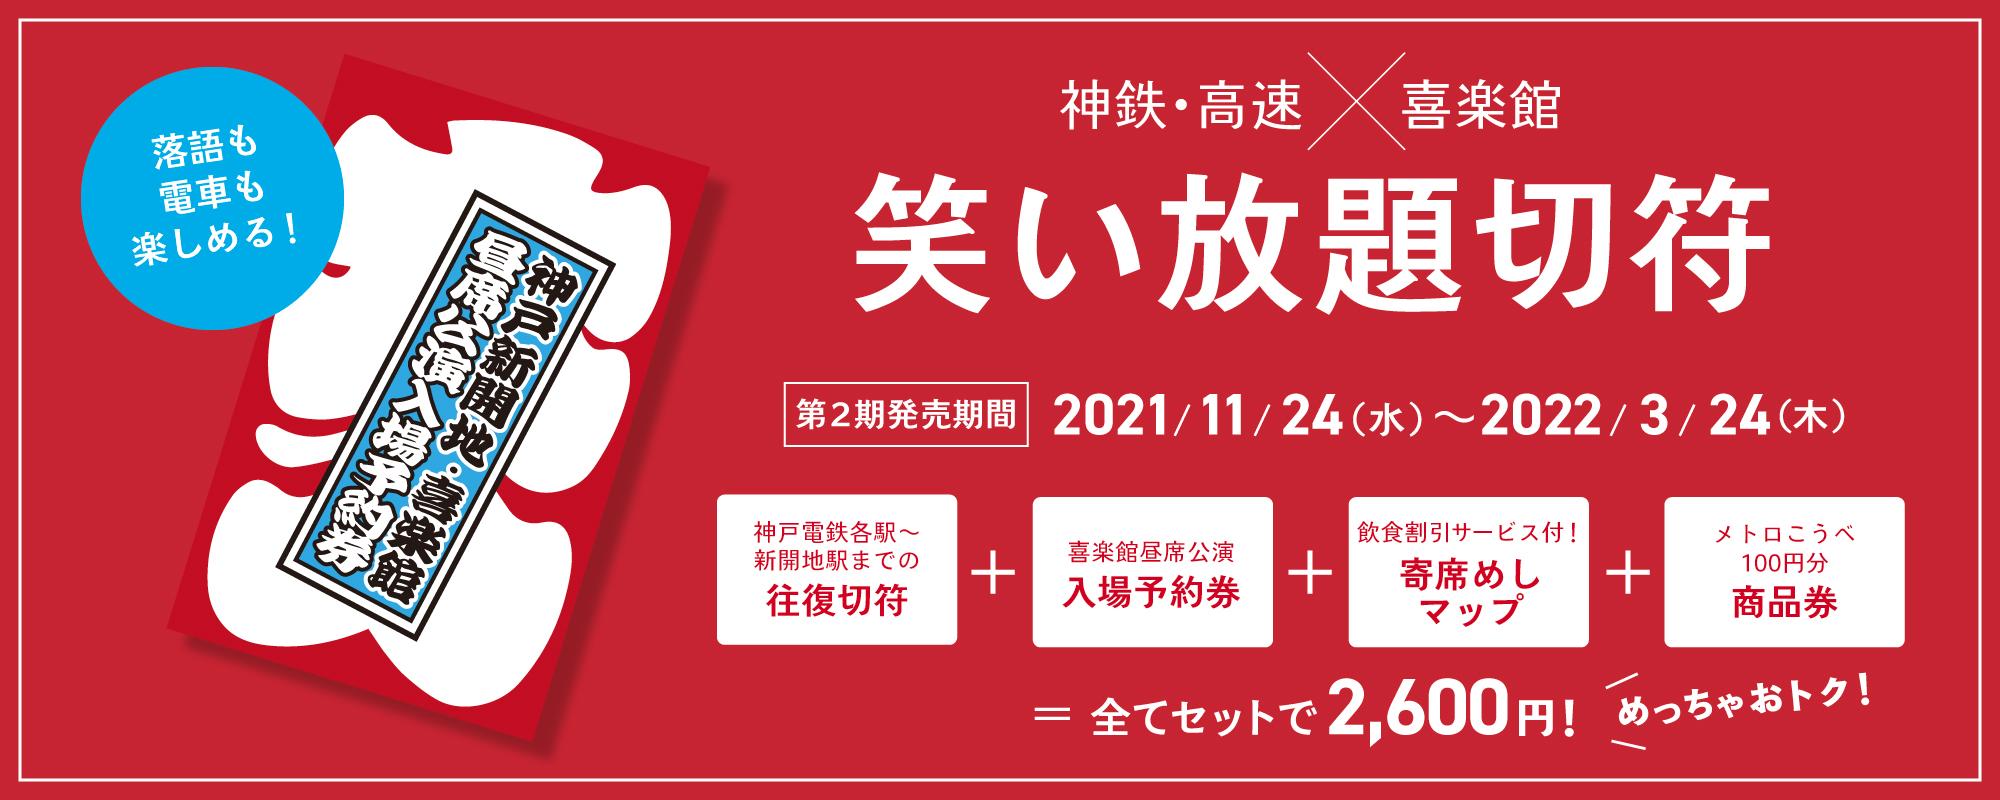 「神鉄・高速×喜楽館 笑い放題切符」を発売します!